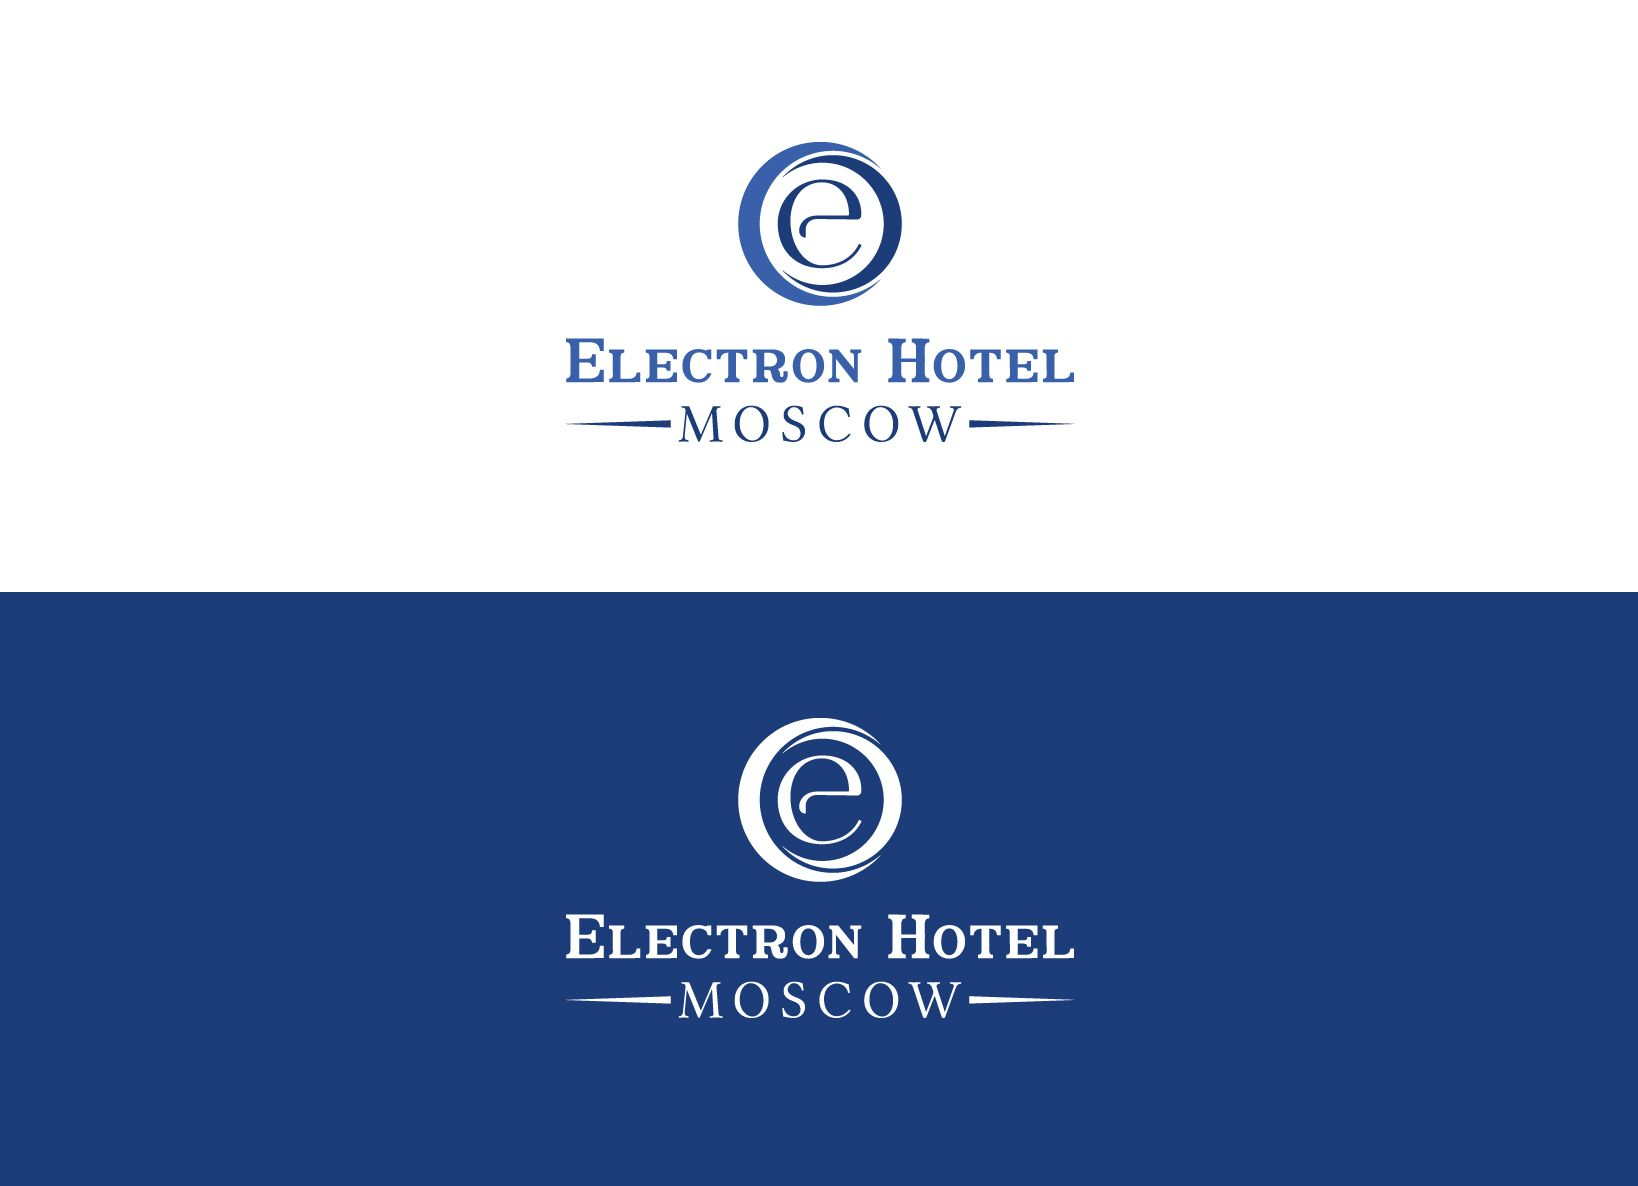 Логотип и фирменный стиль для гостиницы